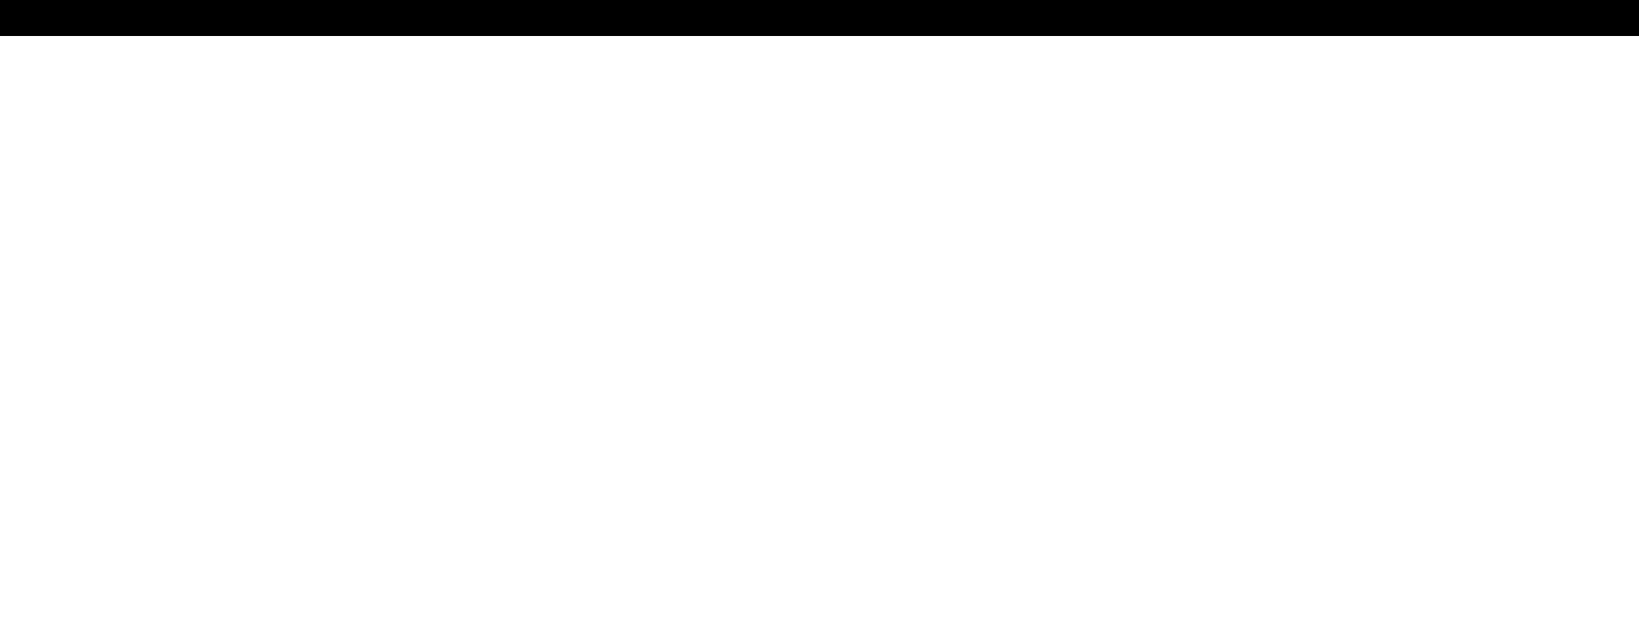 Moss & Tapia Law LLC